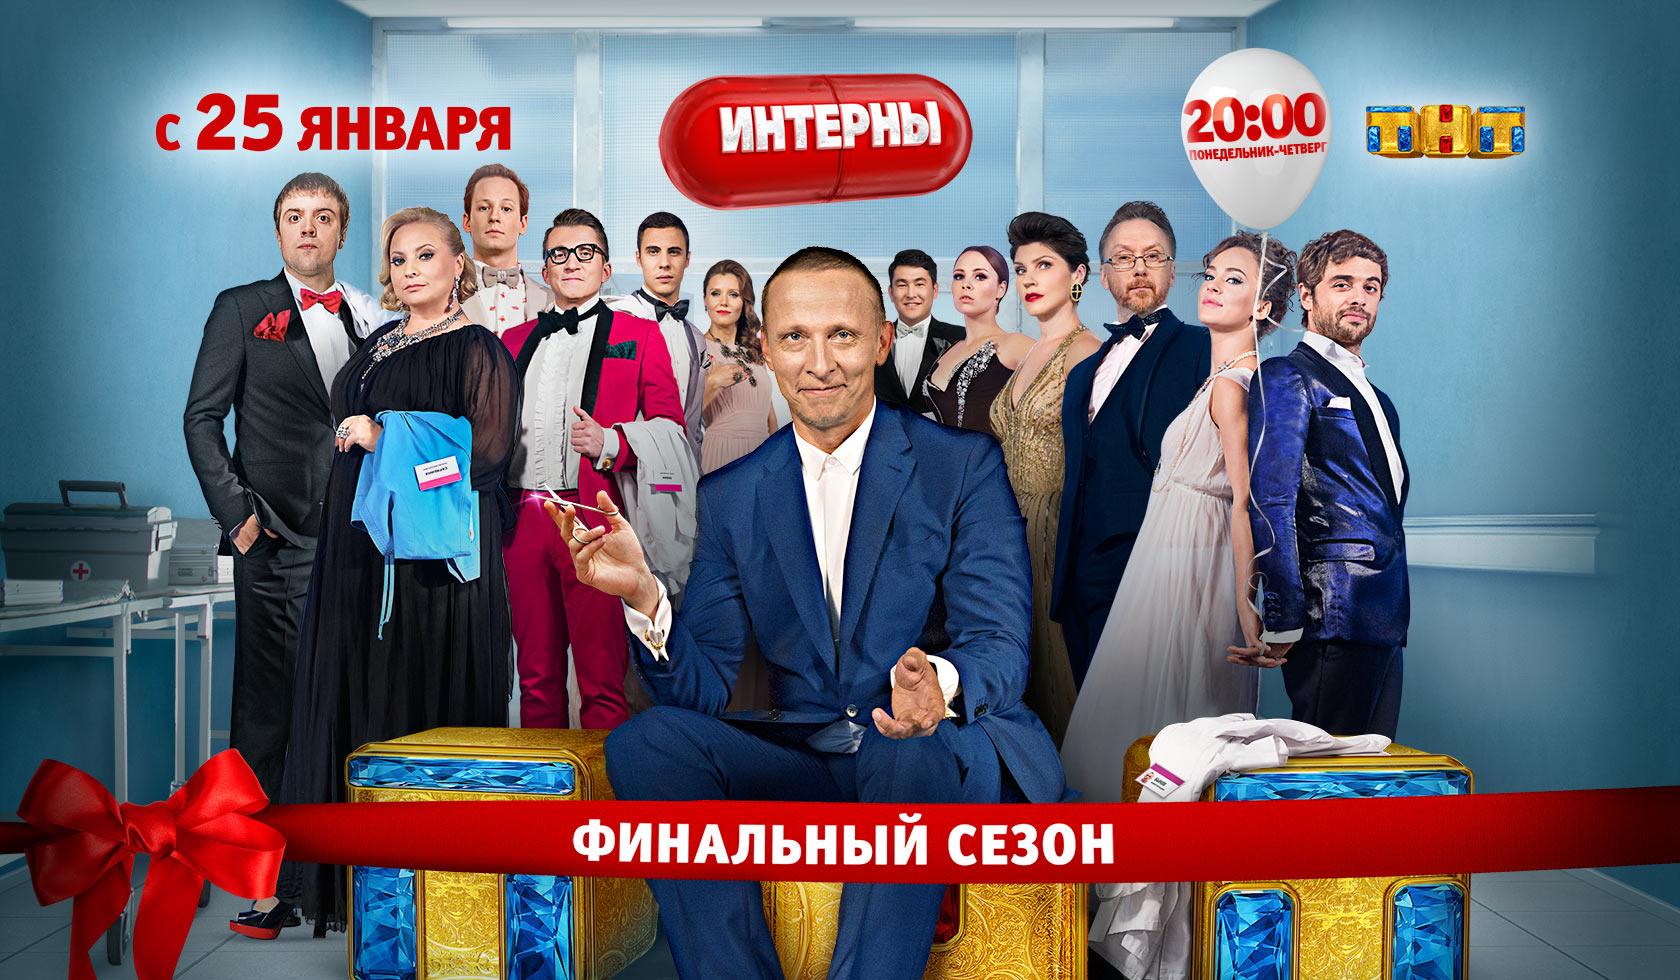 Азамат Мусагалиев вспомнил о том, как брал уроки актёрского мастерства в ГИТИСе